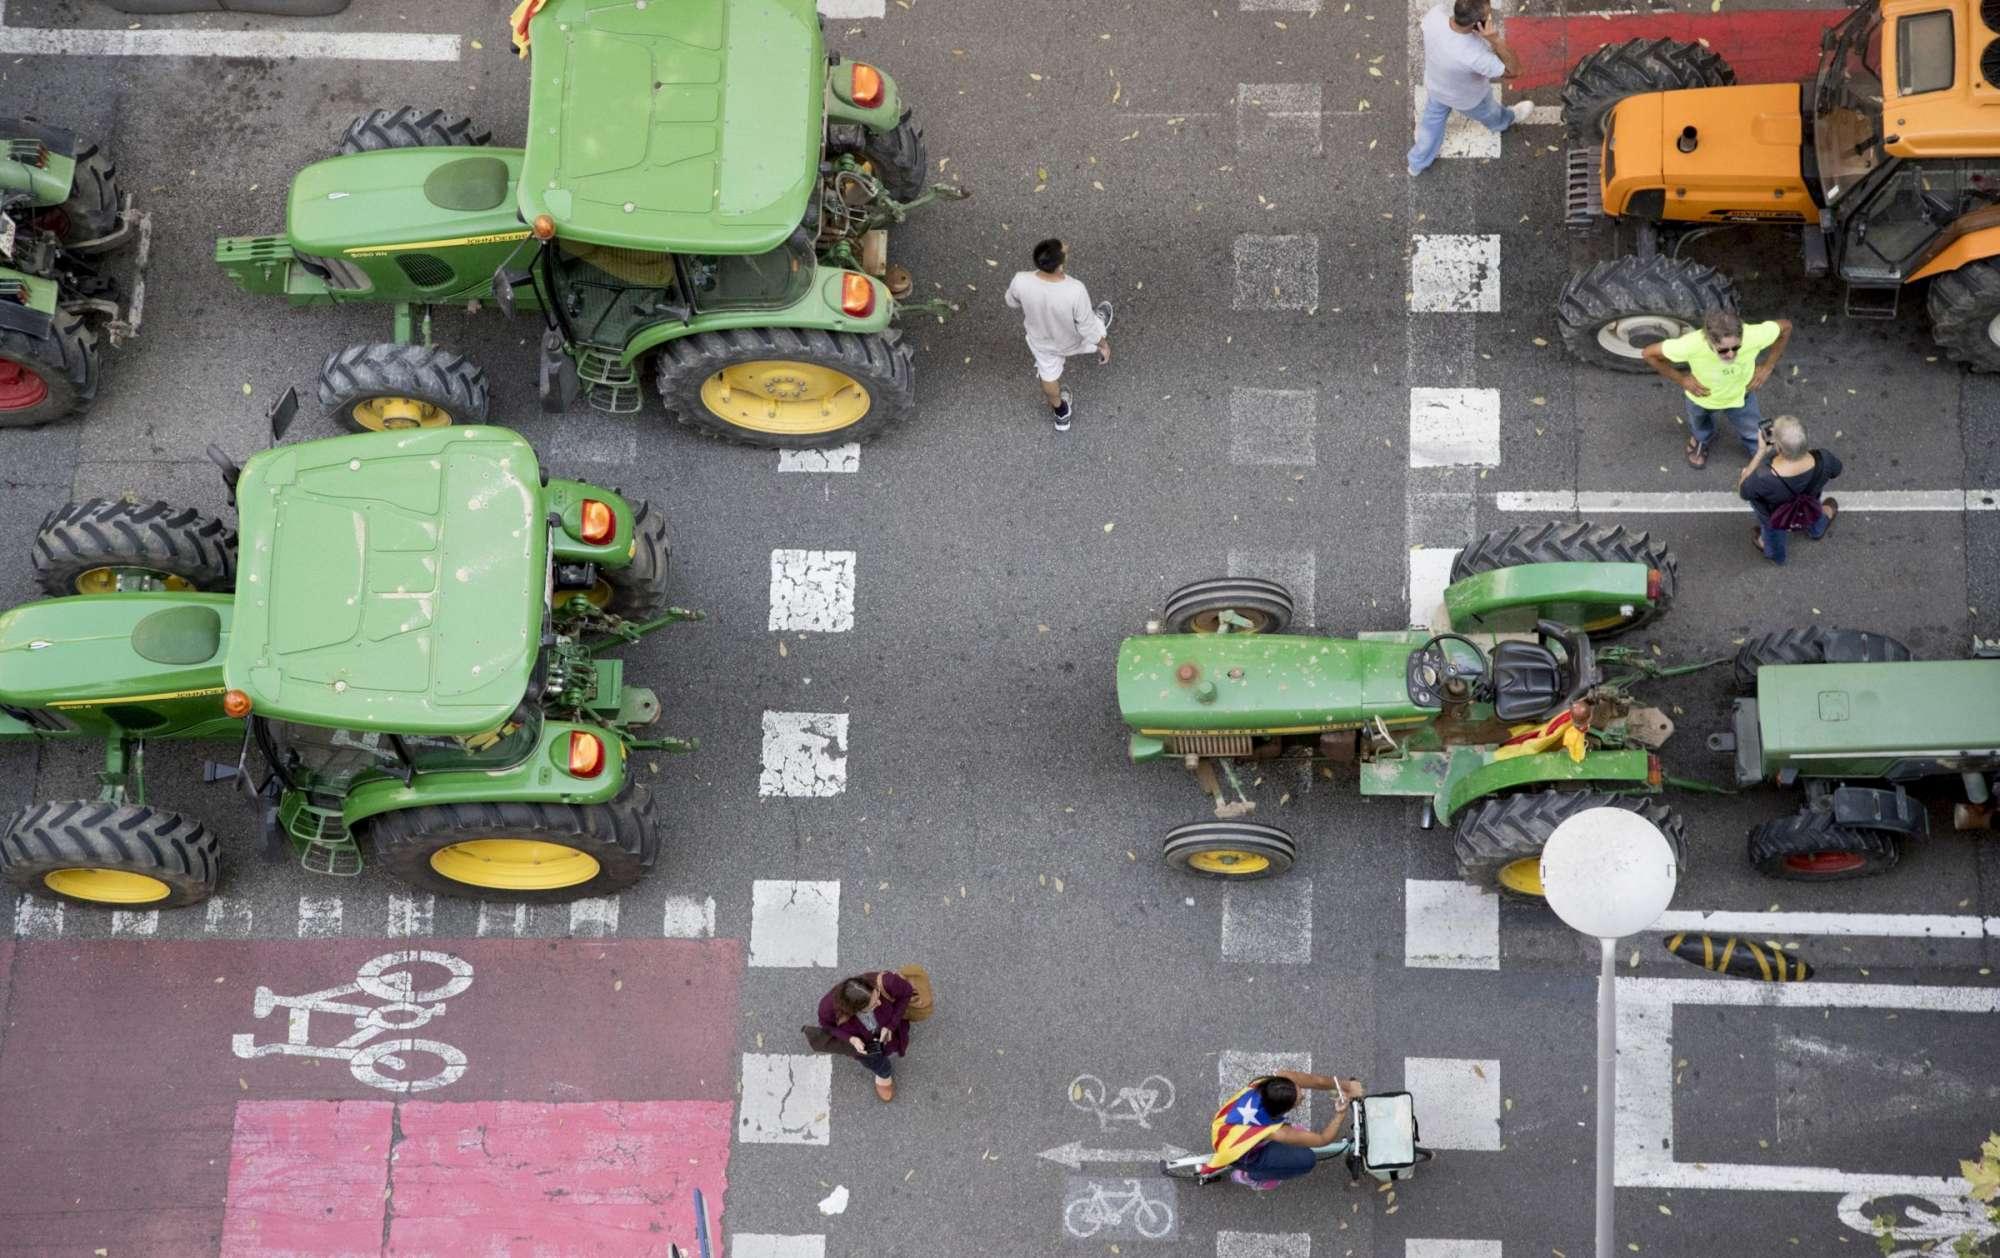 Catalogna, 2mila trattori in marcia pro referendum: 400 a Barcellona